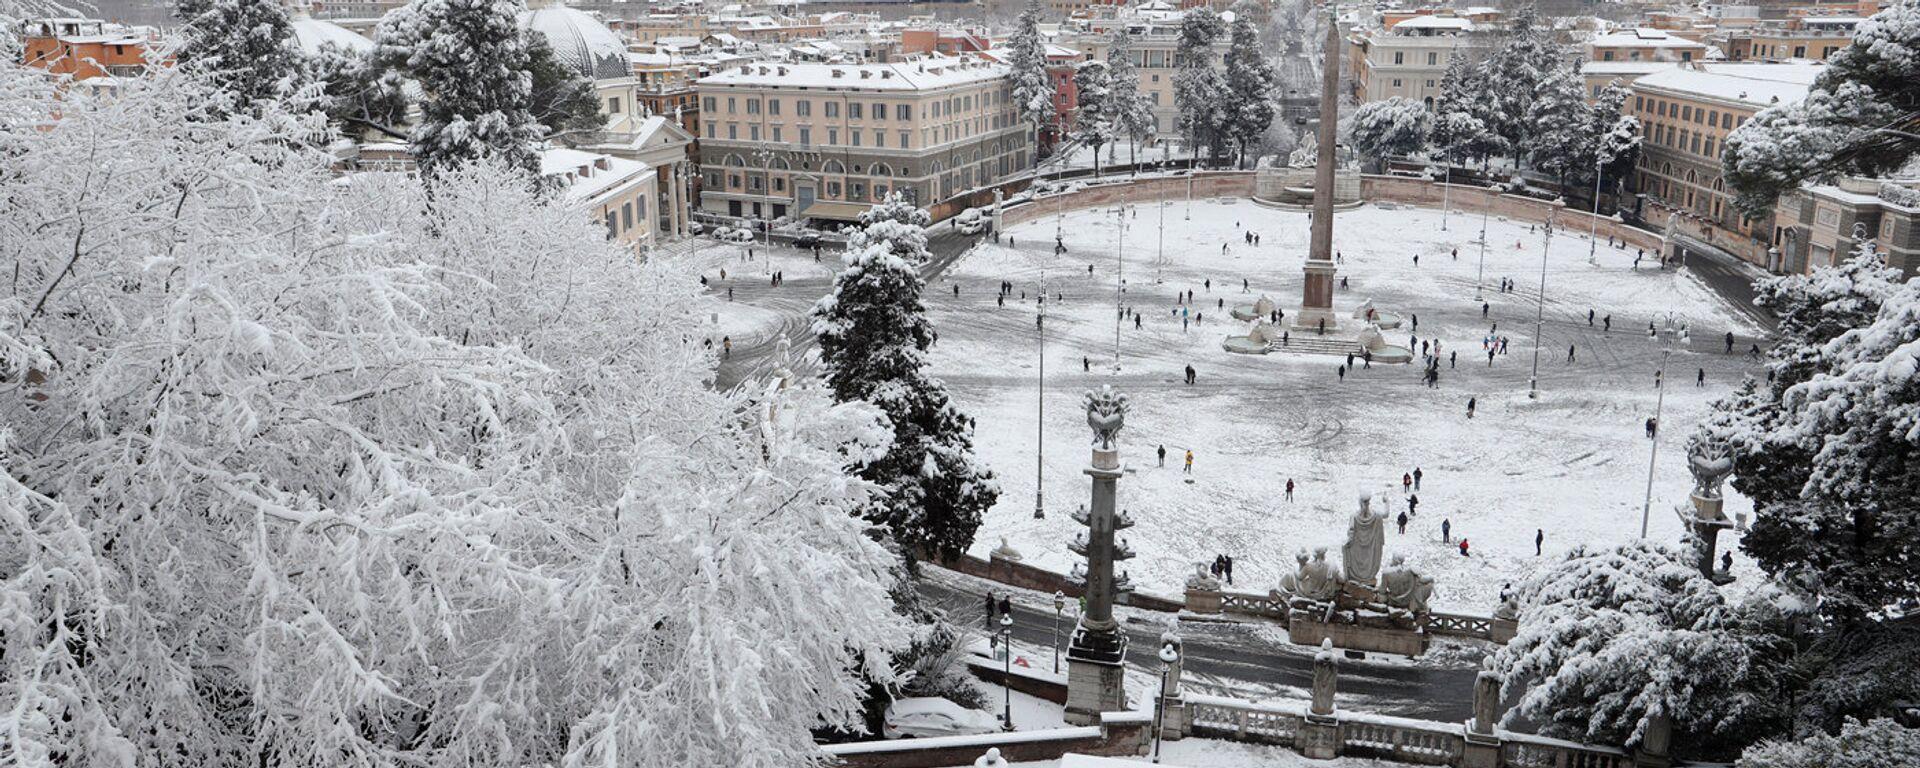 Пьяцца дель Пополо в Риме, 26 февраля 2018 - Sputnik Латвия, 1920, 26.02.2018